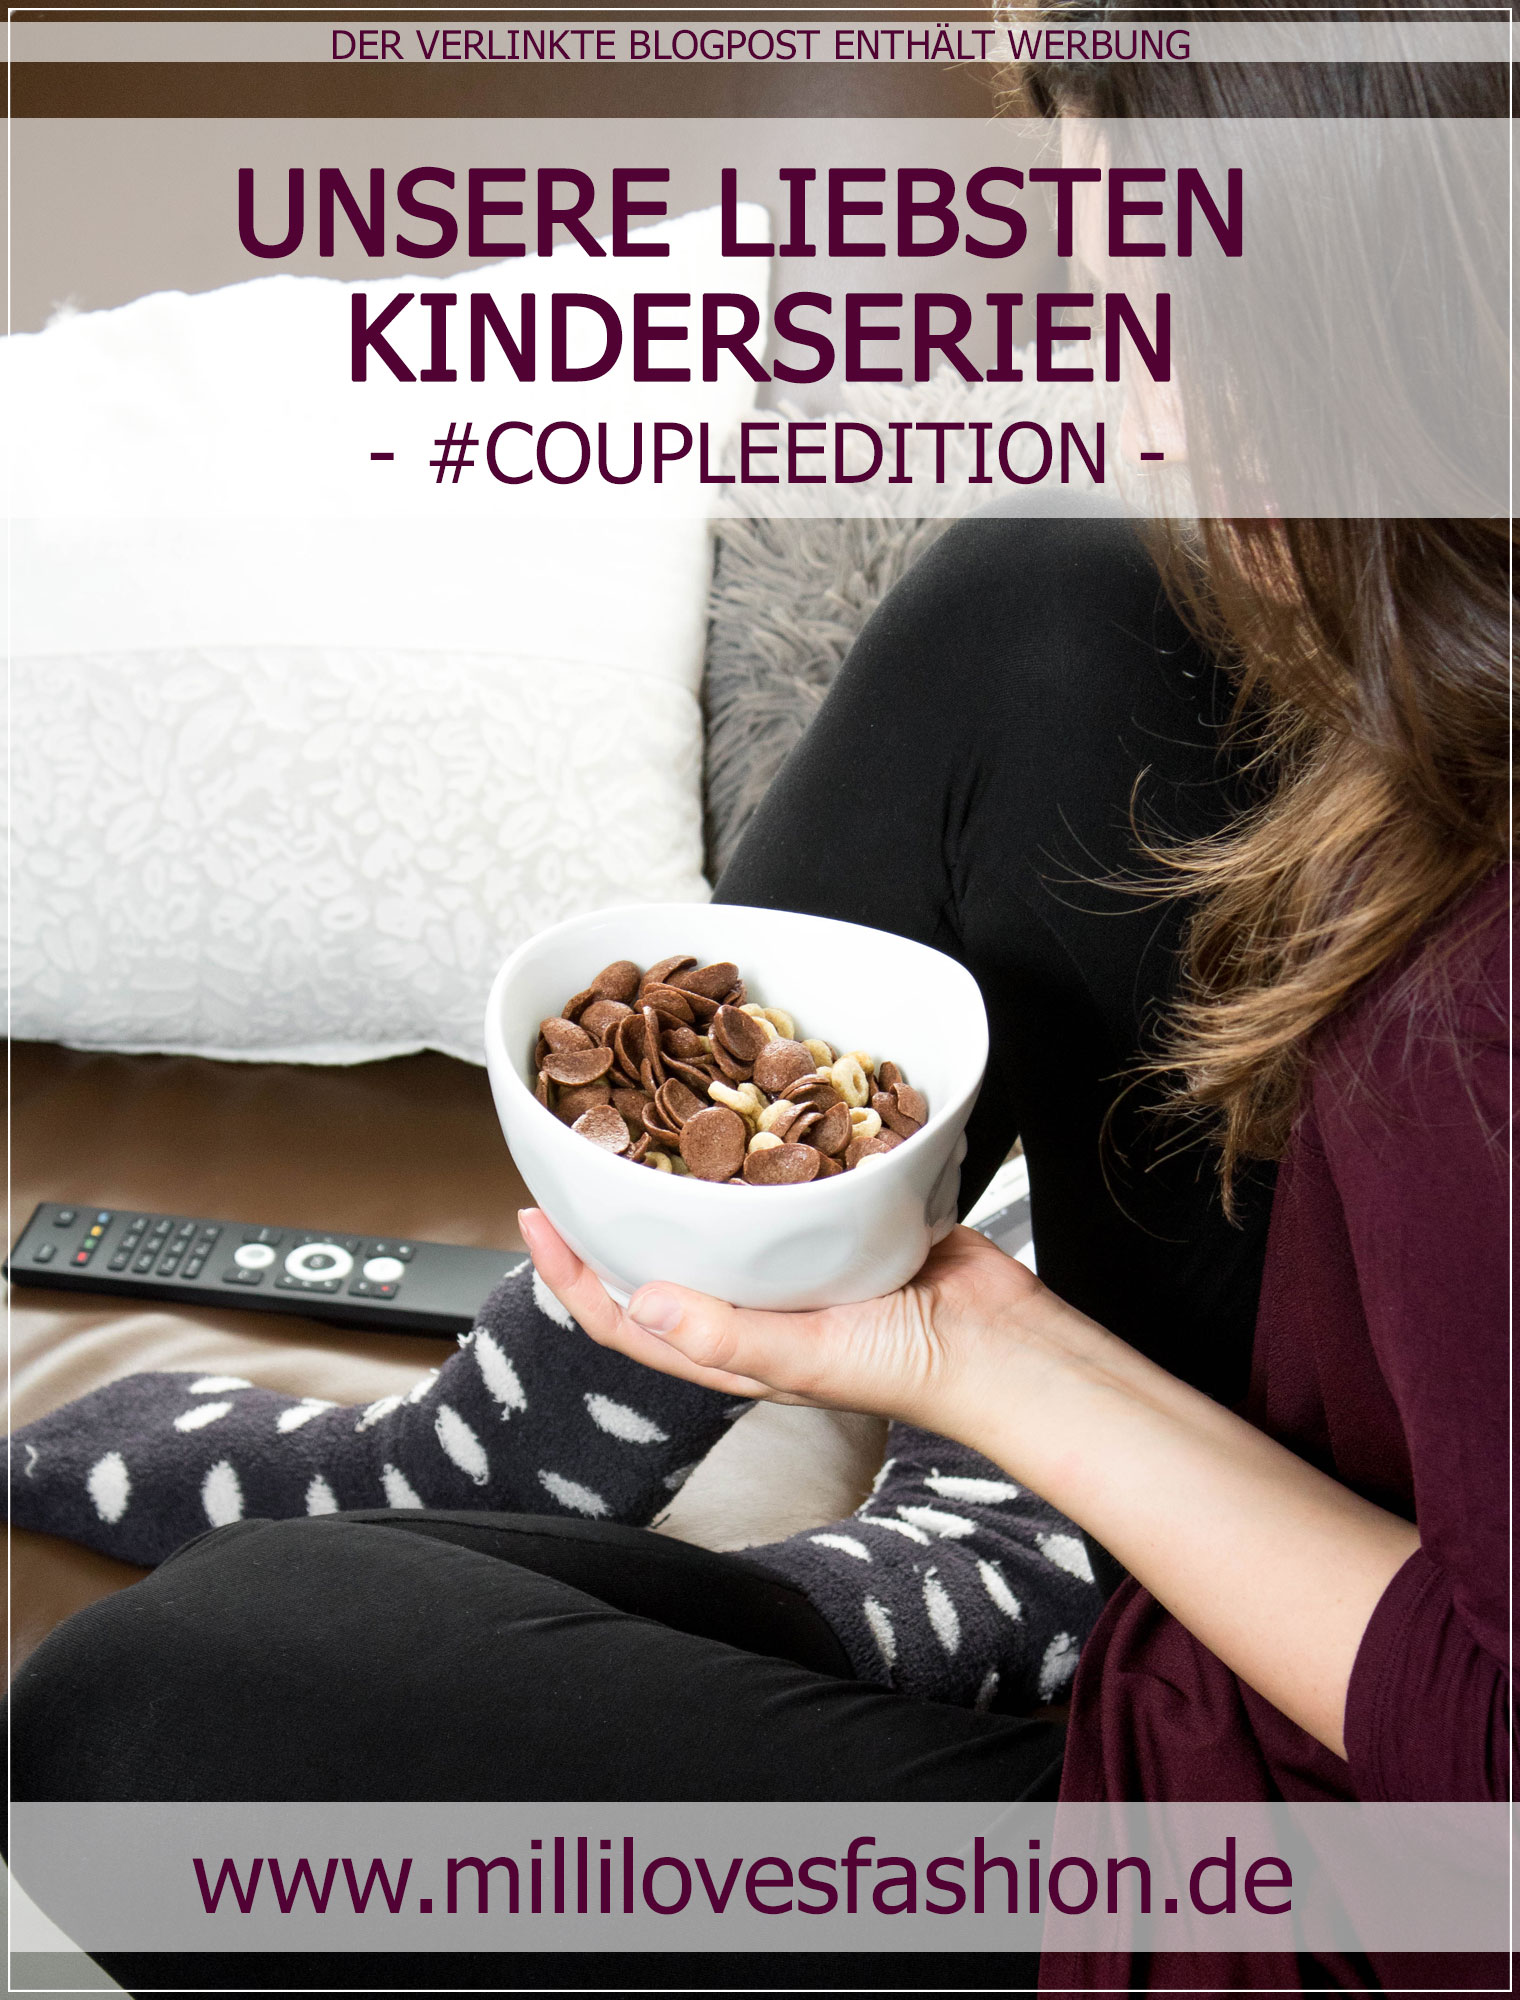 CoupleEdition, Couple, Kinderserien, Kindheitserinnerungen, Cartoons, Typisch Frau, Typisch Mann, Lifestyleblog, Ruhrgebiet, Bloggerin, Modeblog